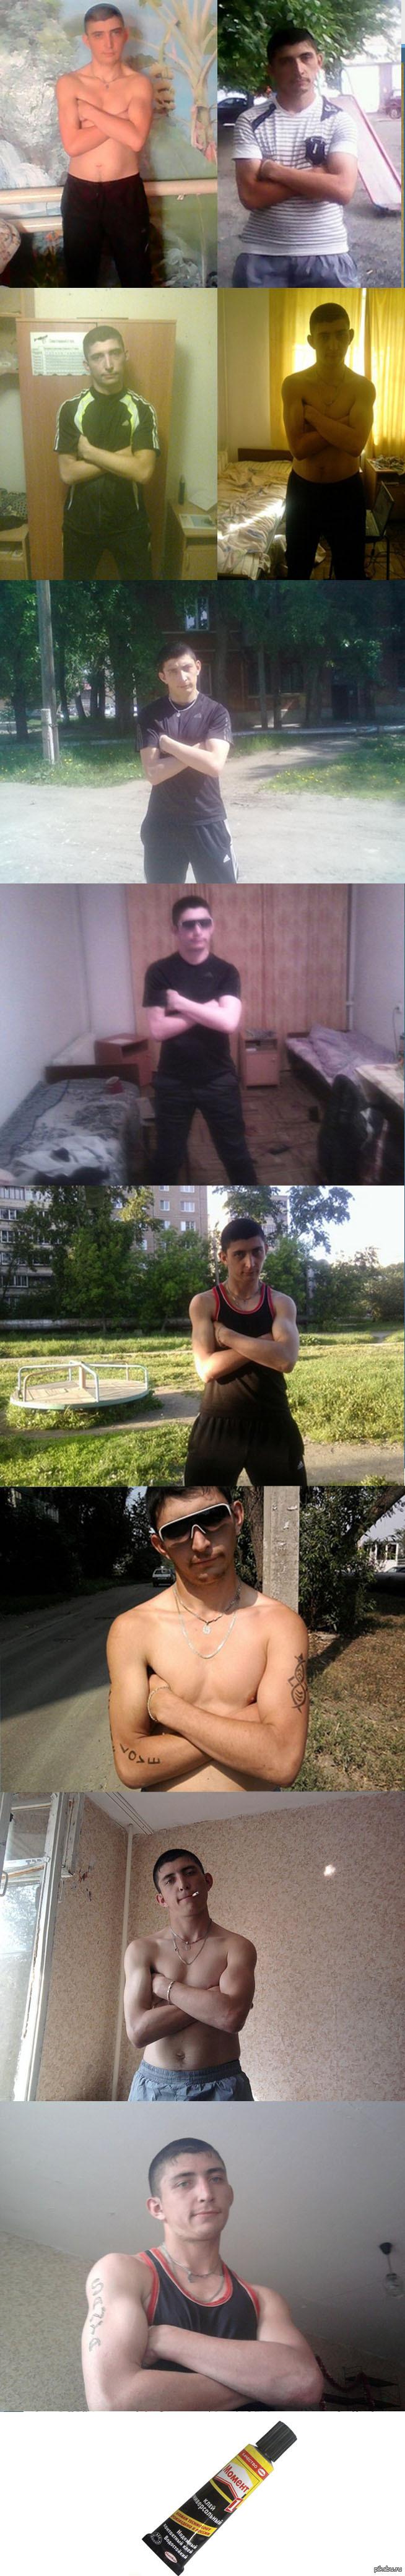 Девушка засунула в себя дезик и пошла, русские женщины в трусах фото